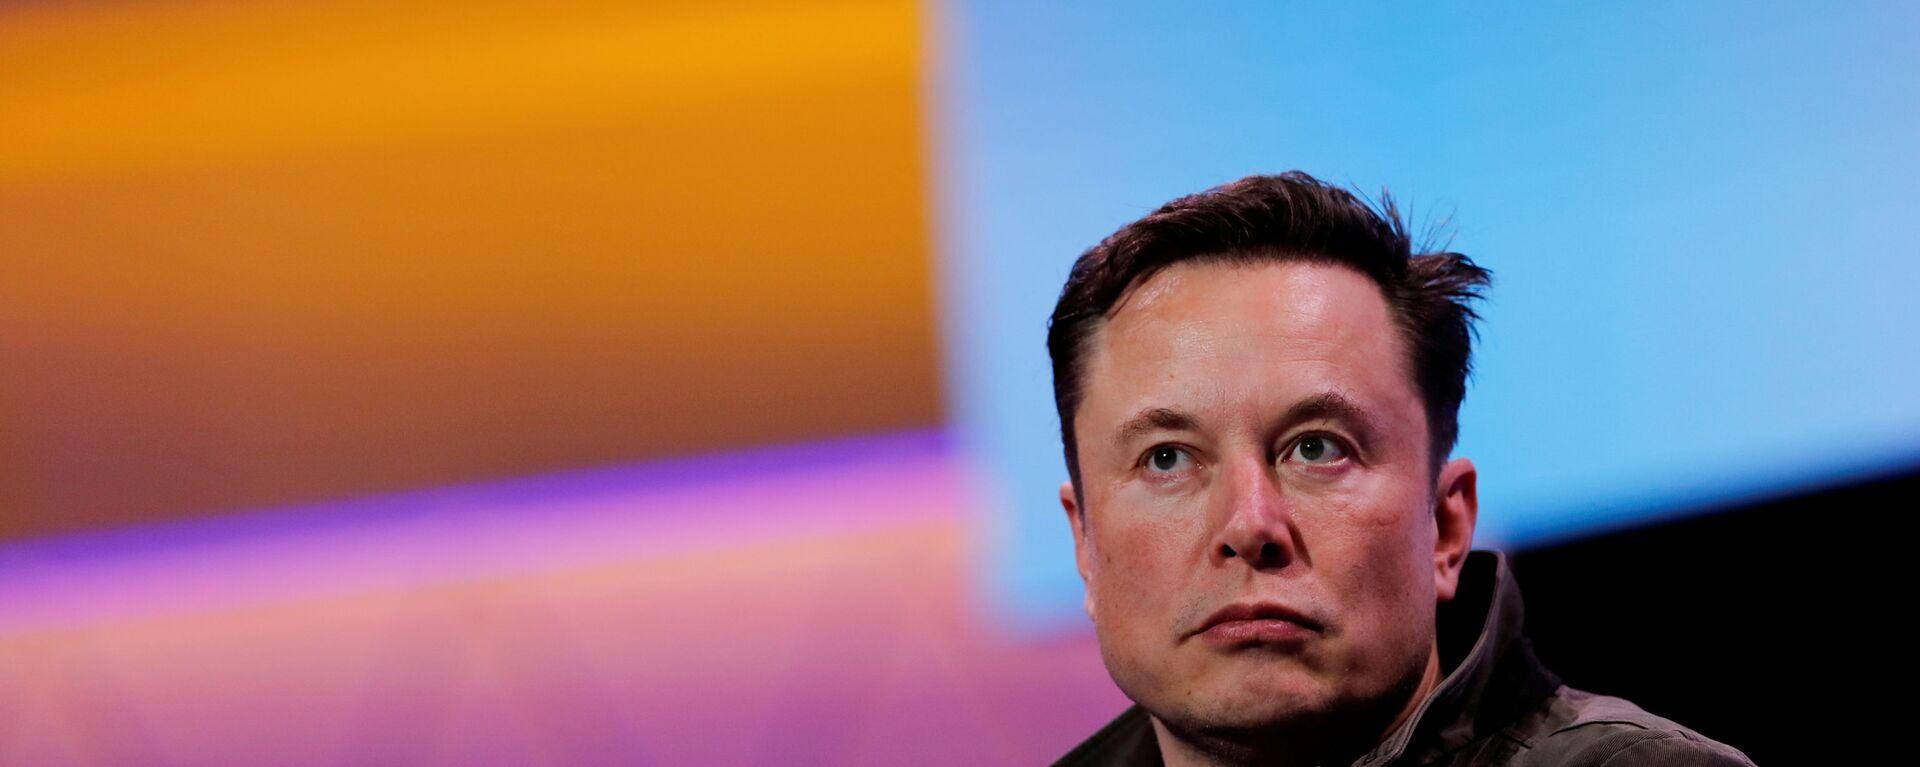 Założyciel Tesli i SpaceX Elon Musk - Sputnik Polska, 1920, 15.08.2021